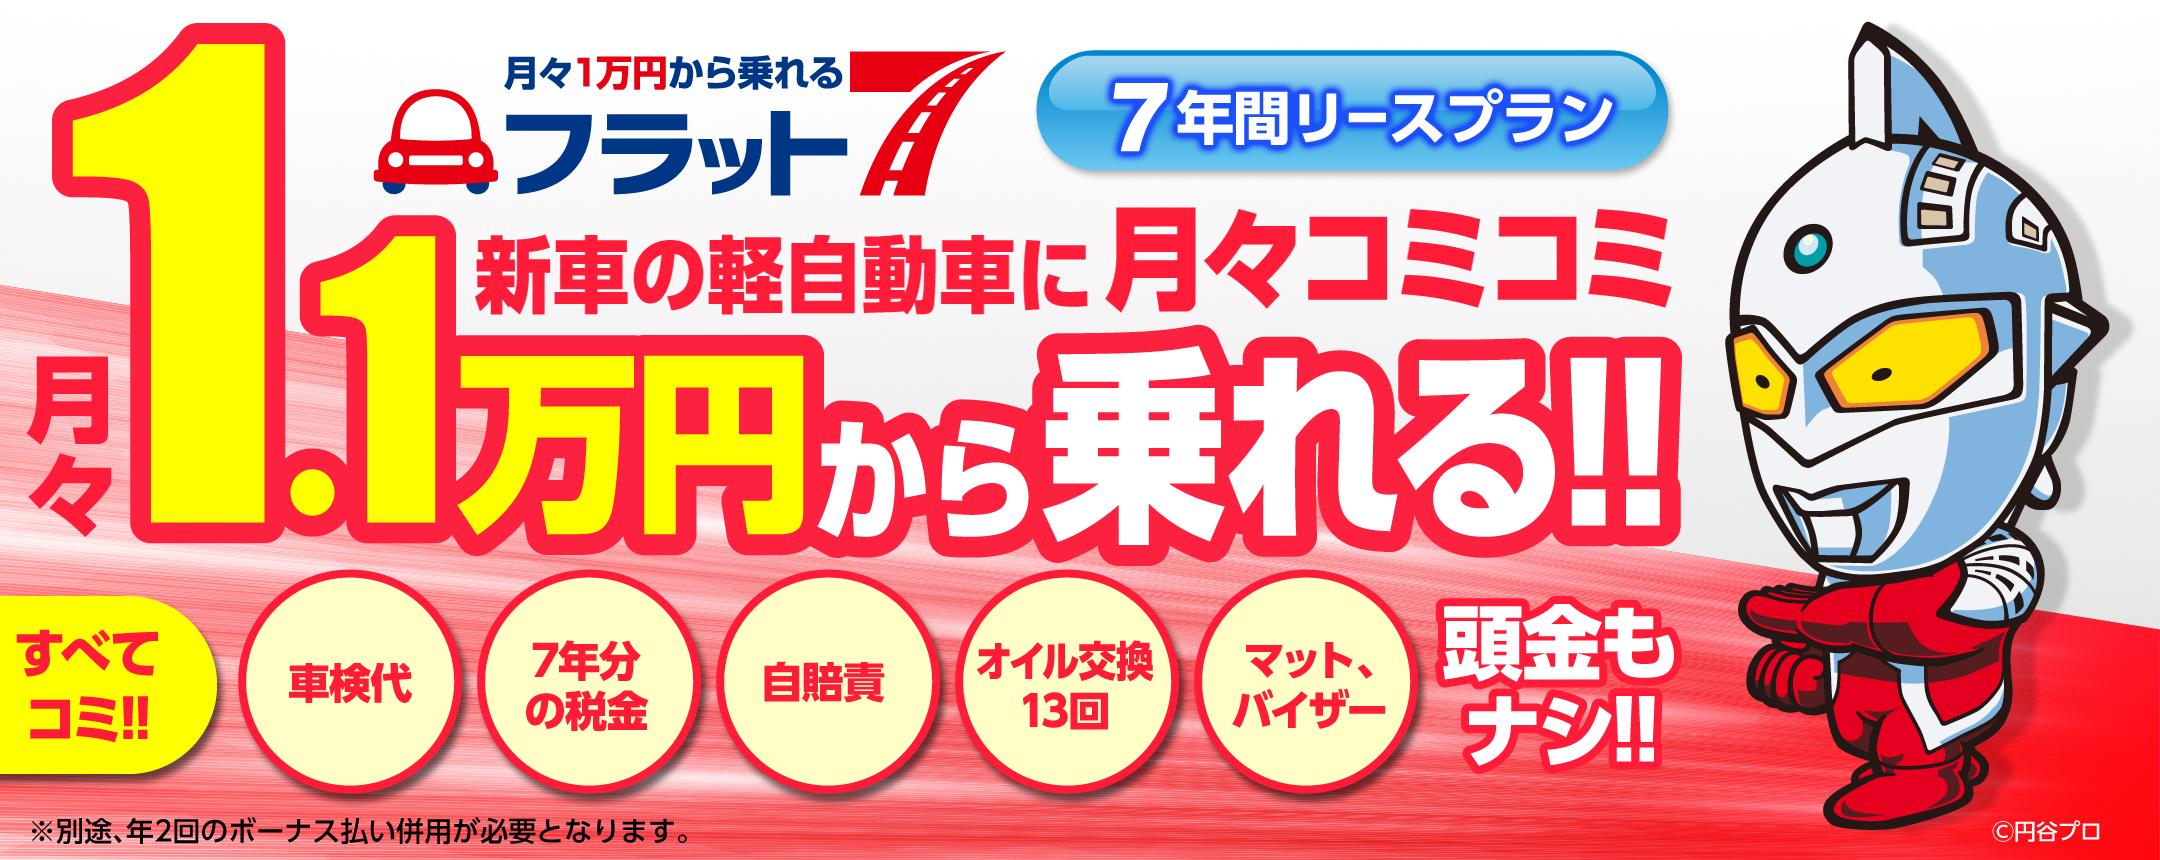 月々1万円から新車の軽自動車に乗れるフラット7|秦野インター